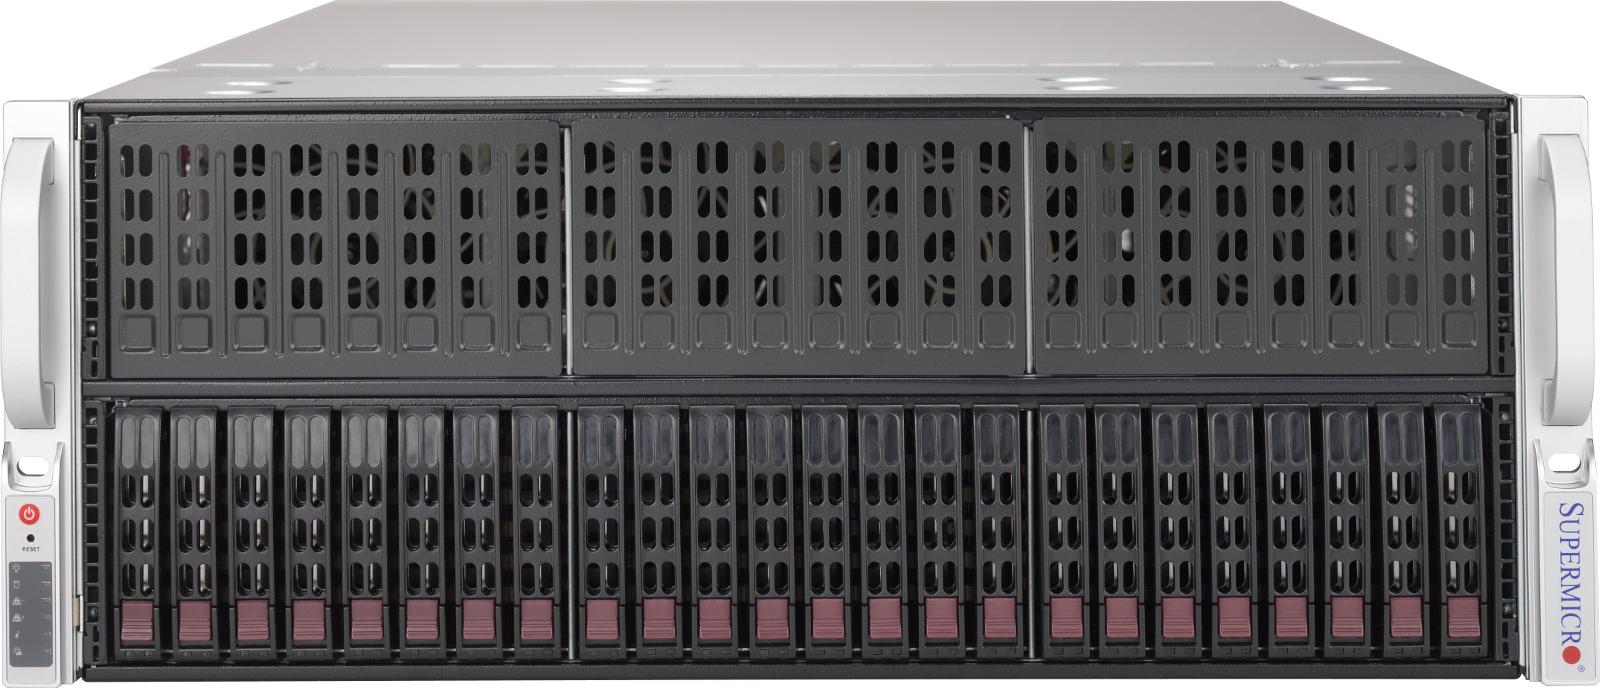 Đánh giá máy chủ 10 x GPU Supermicro SuperServer 4029GP-TRT2